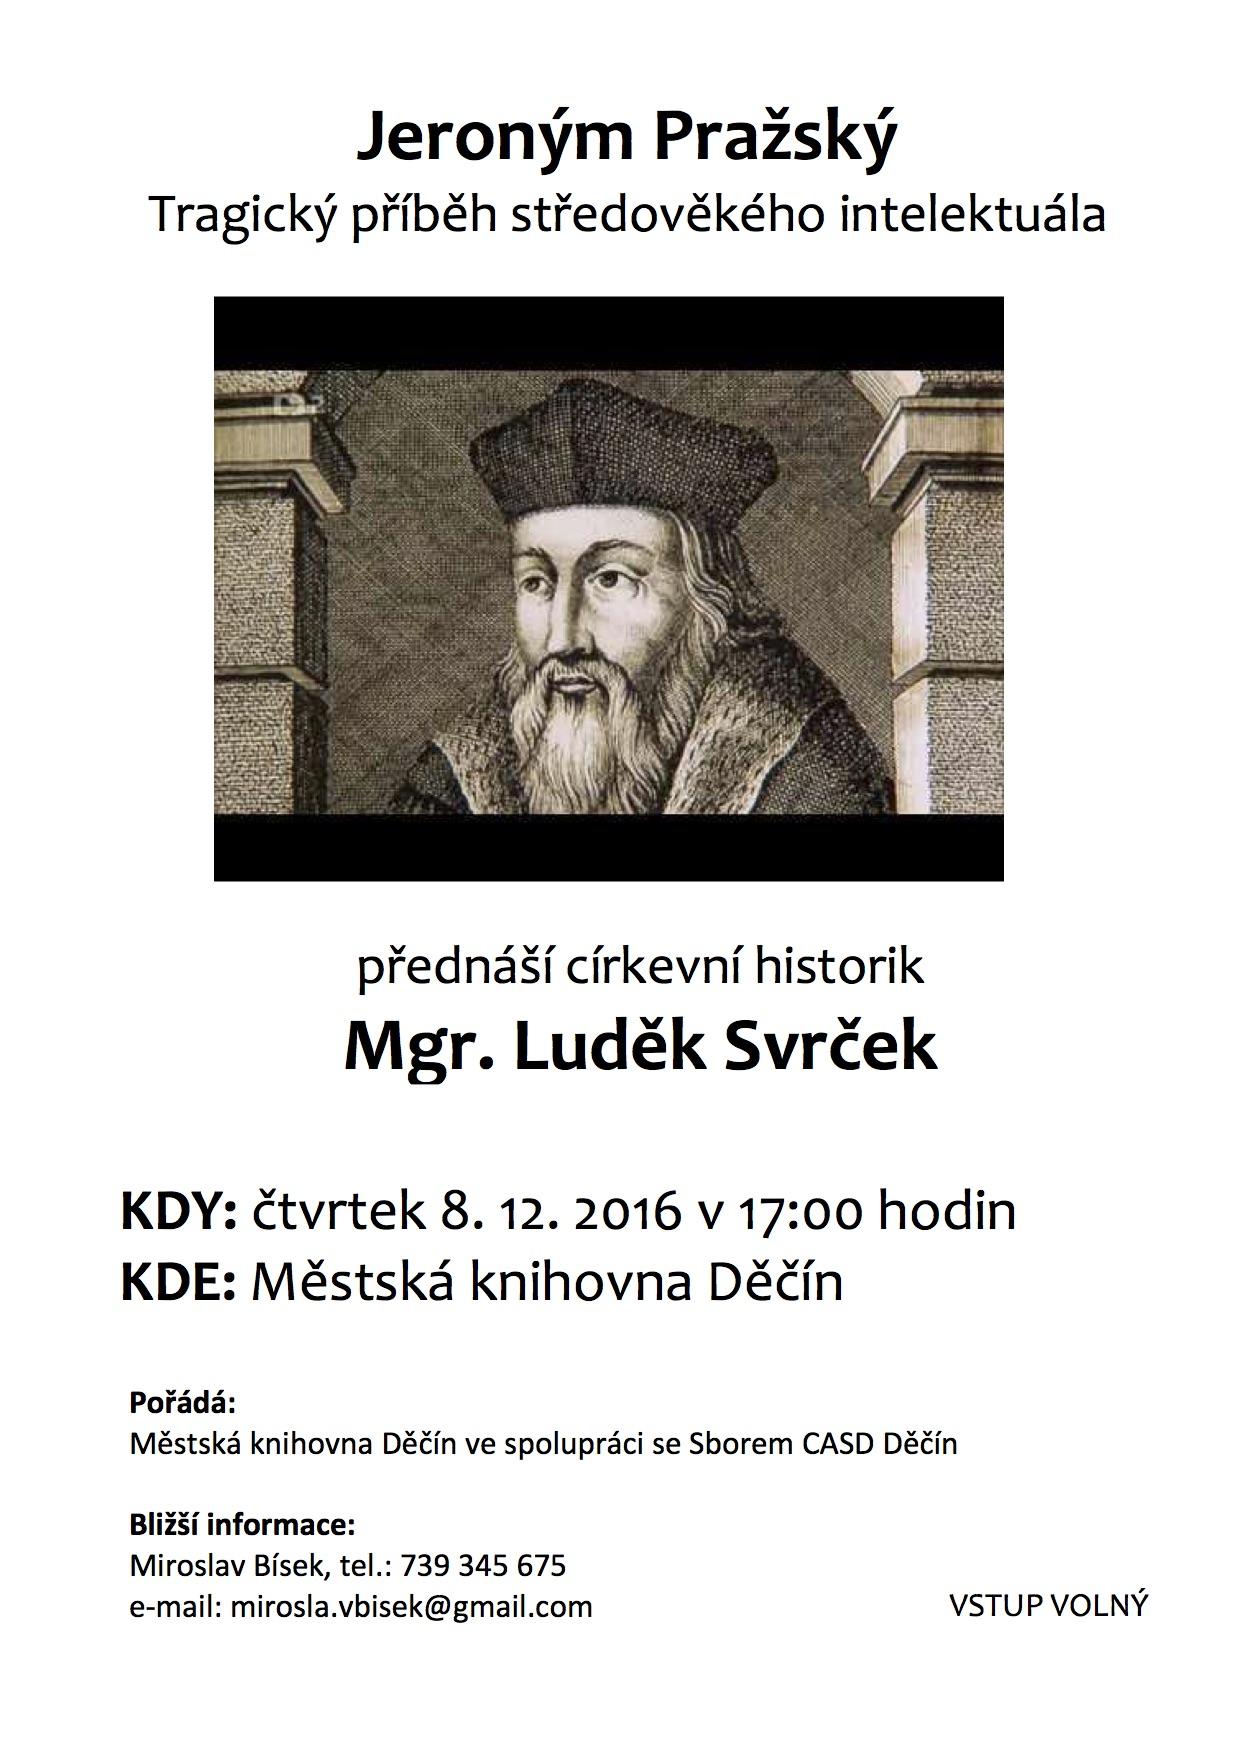 Přednáší církevní historik Mgr. Luděk Svrček